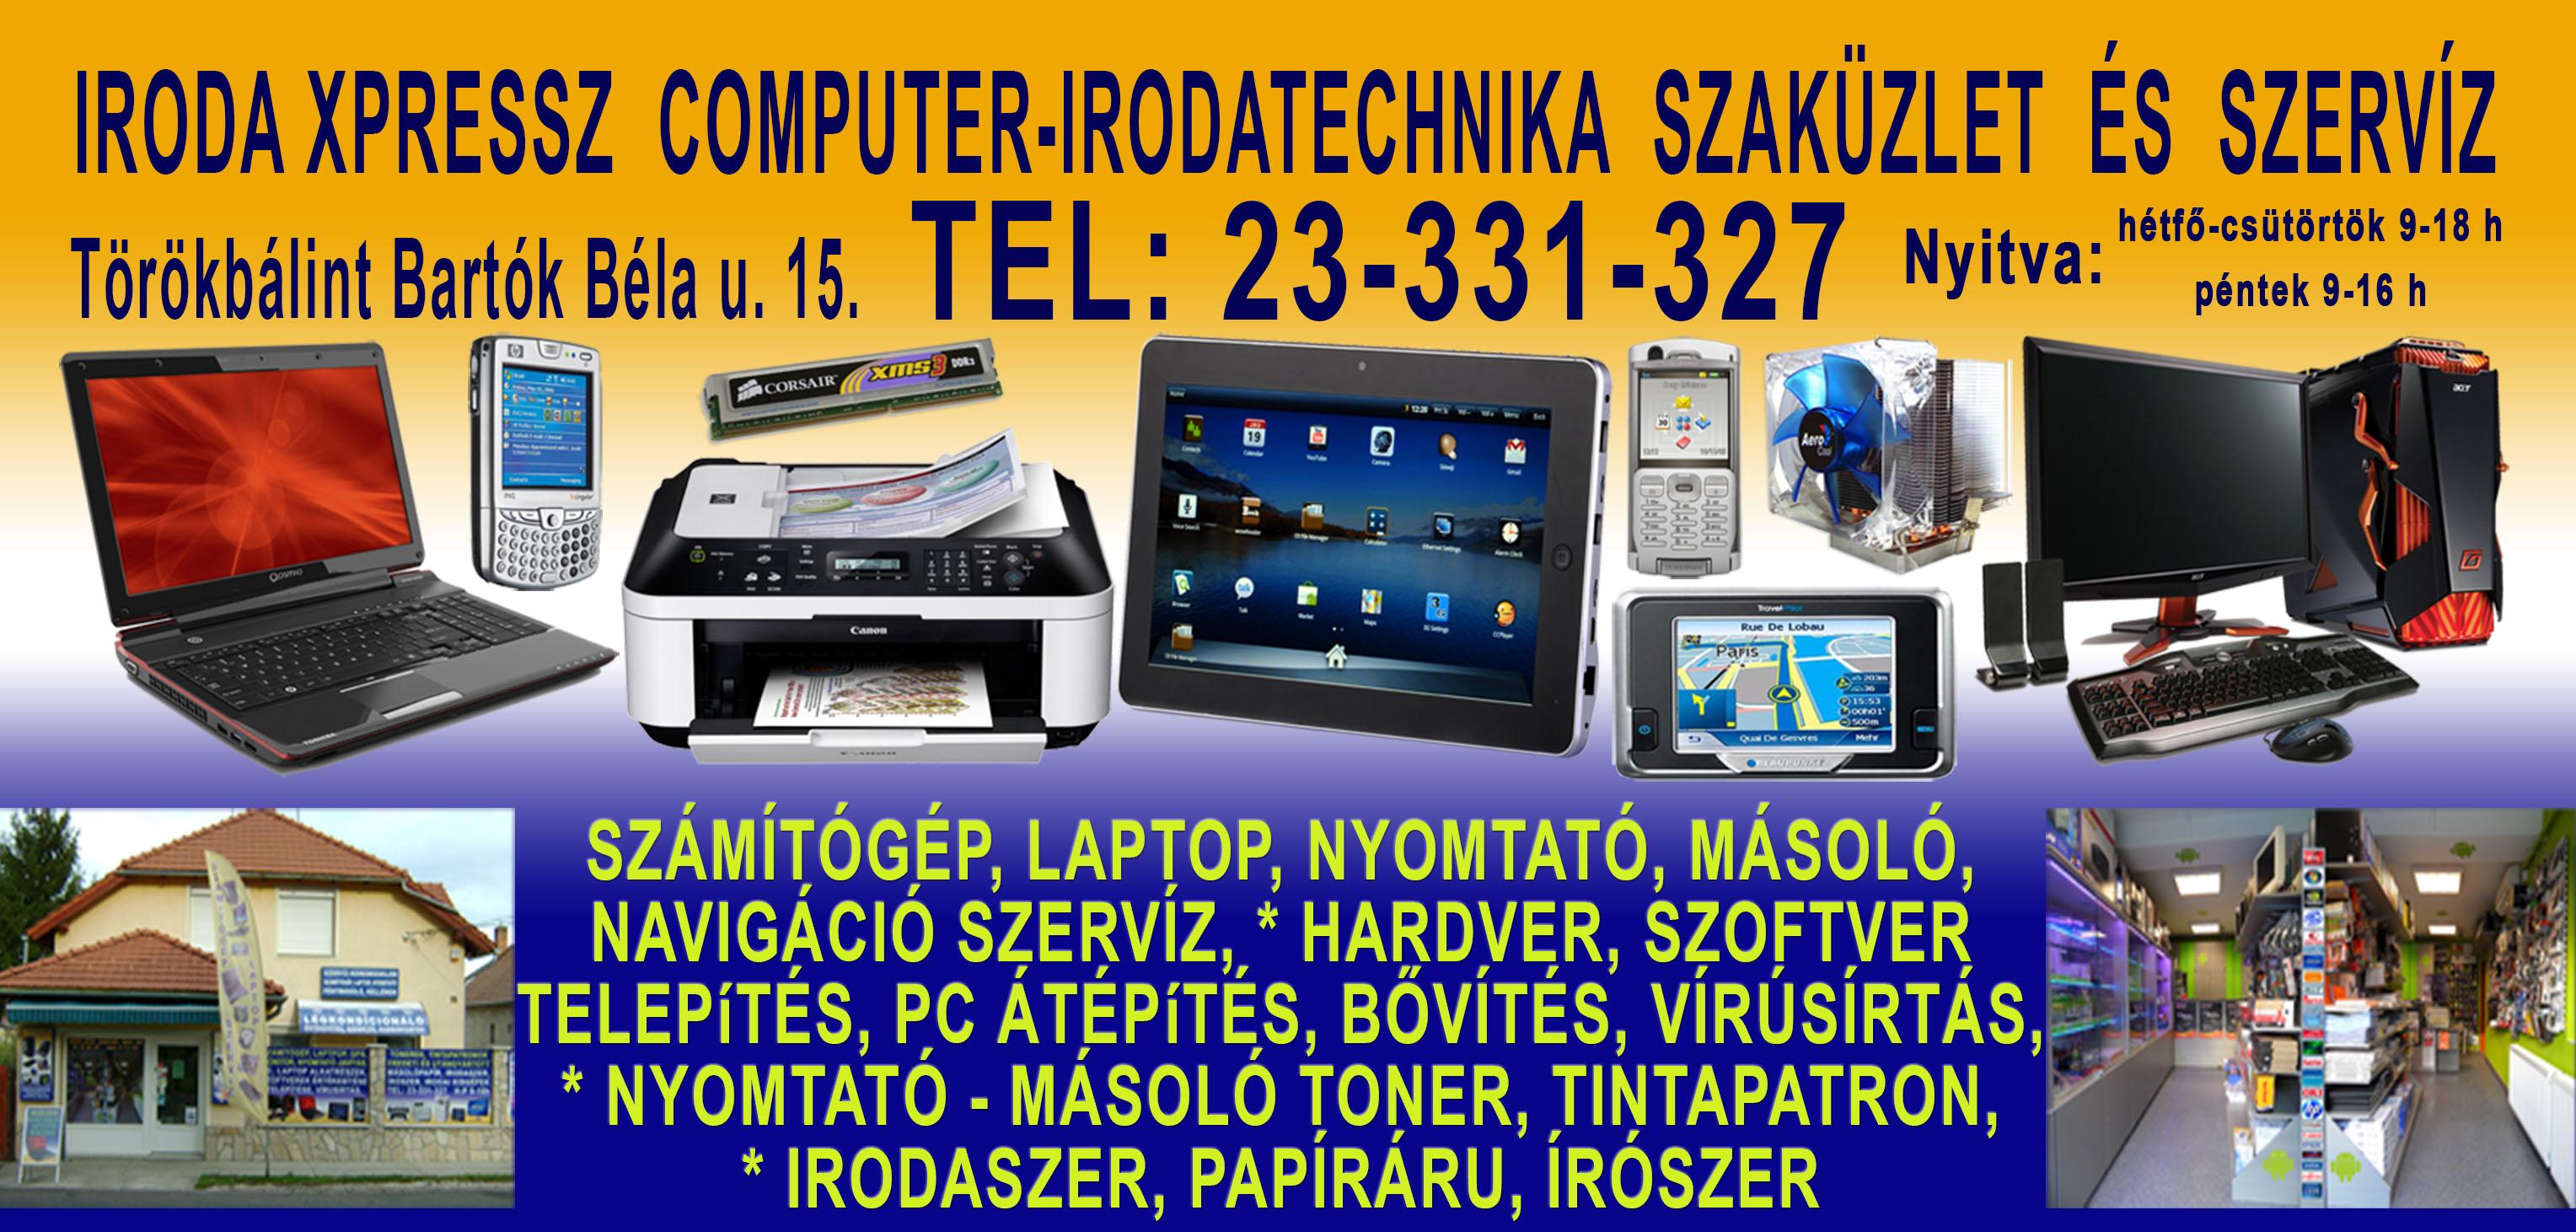 Iroda Xpressz Számítástechnikai Szaküzlet és Szerviz